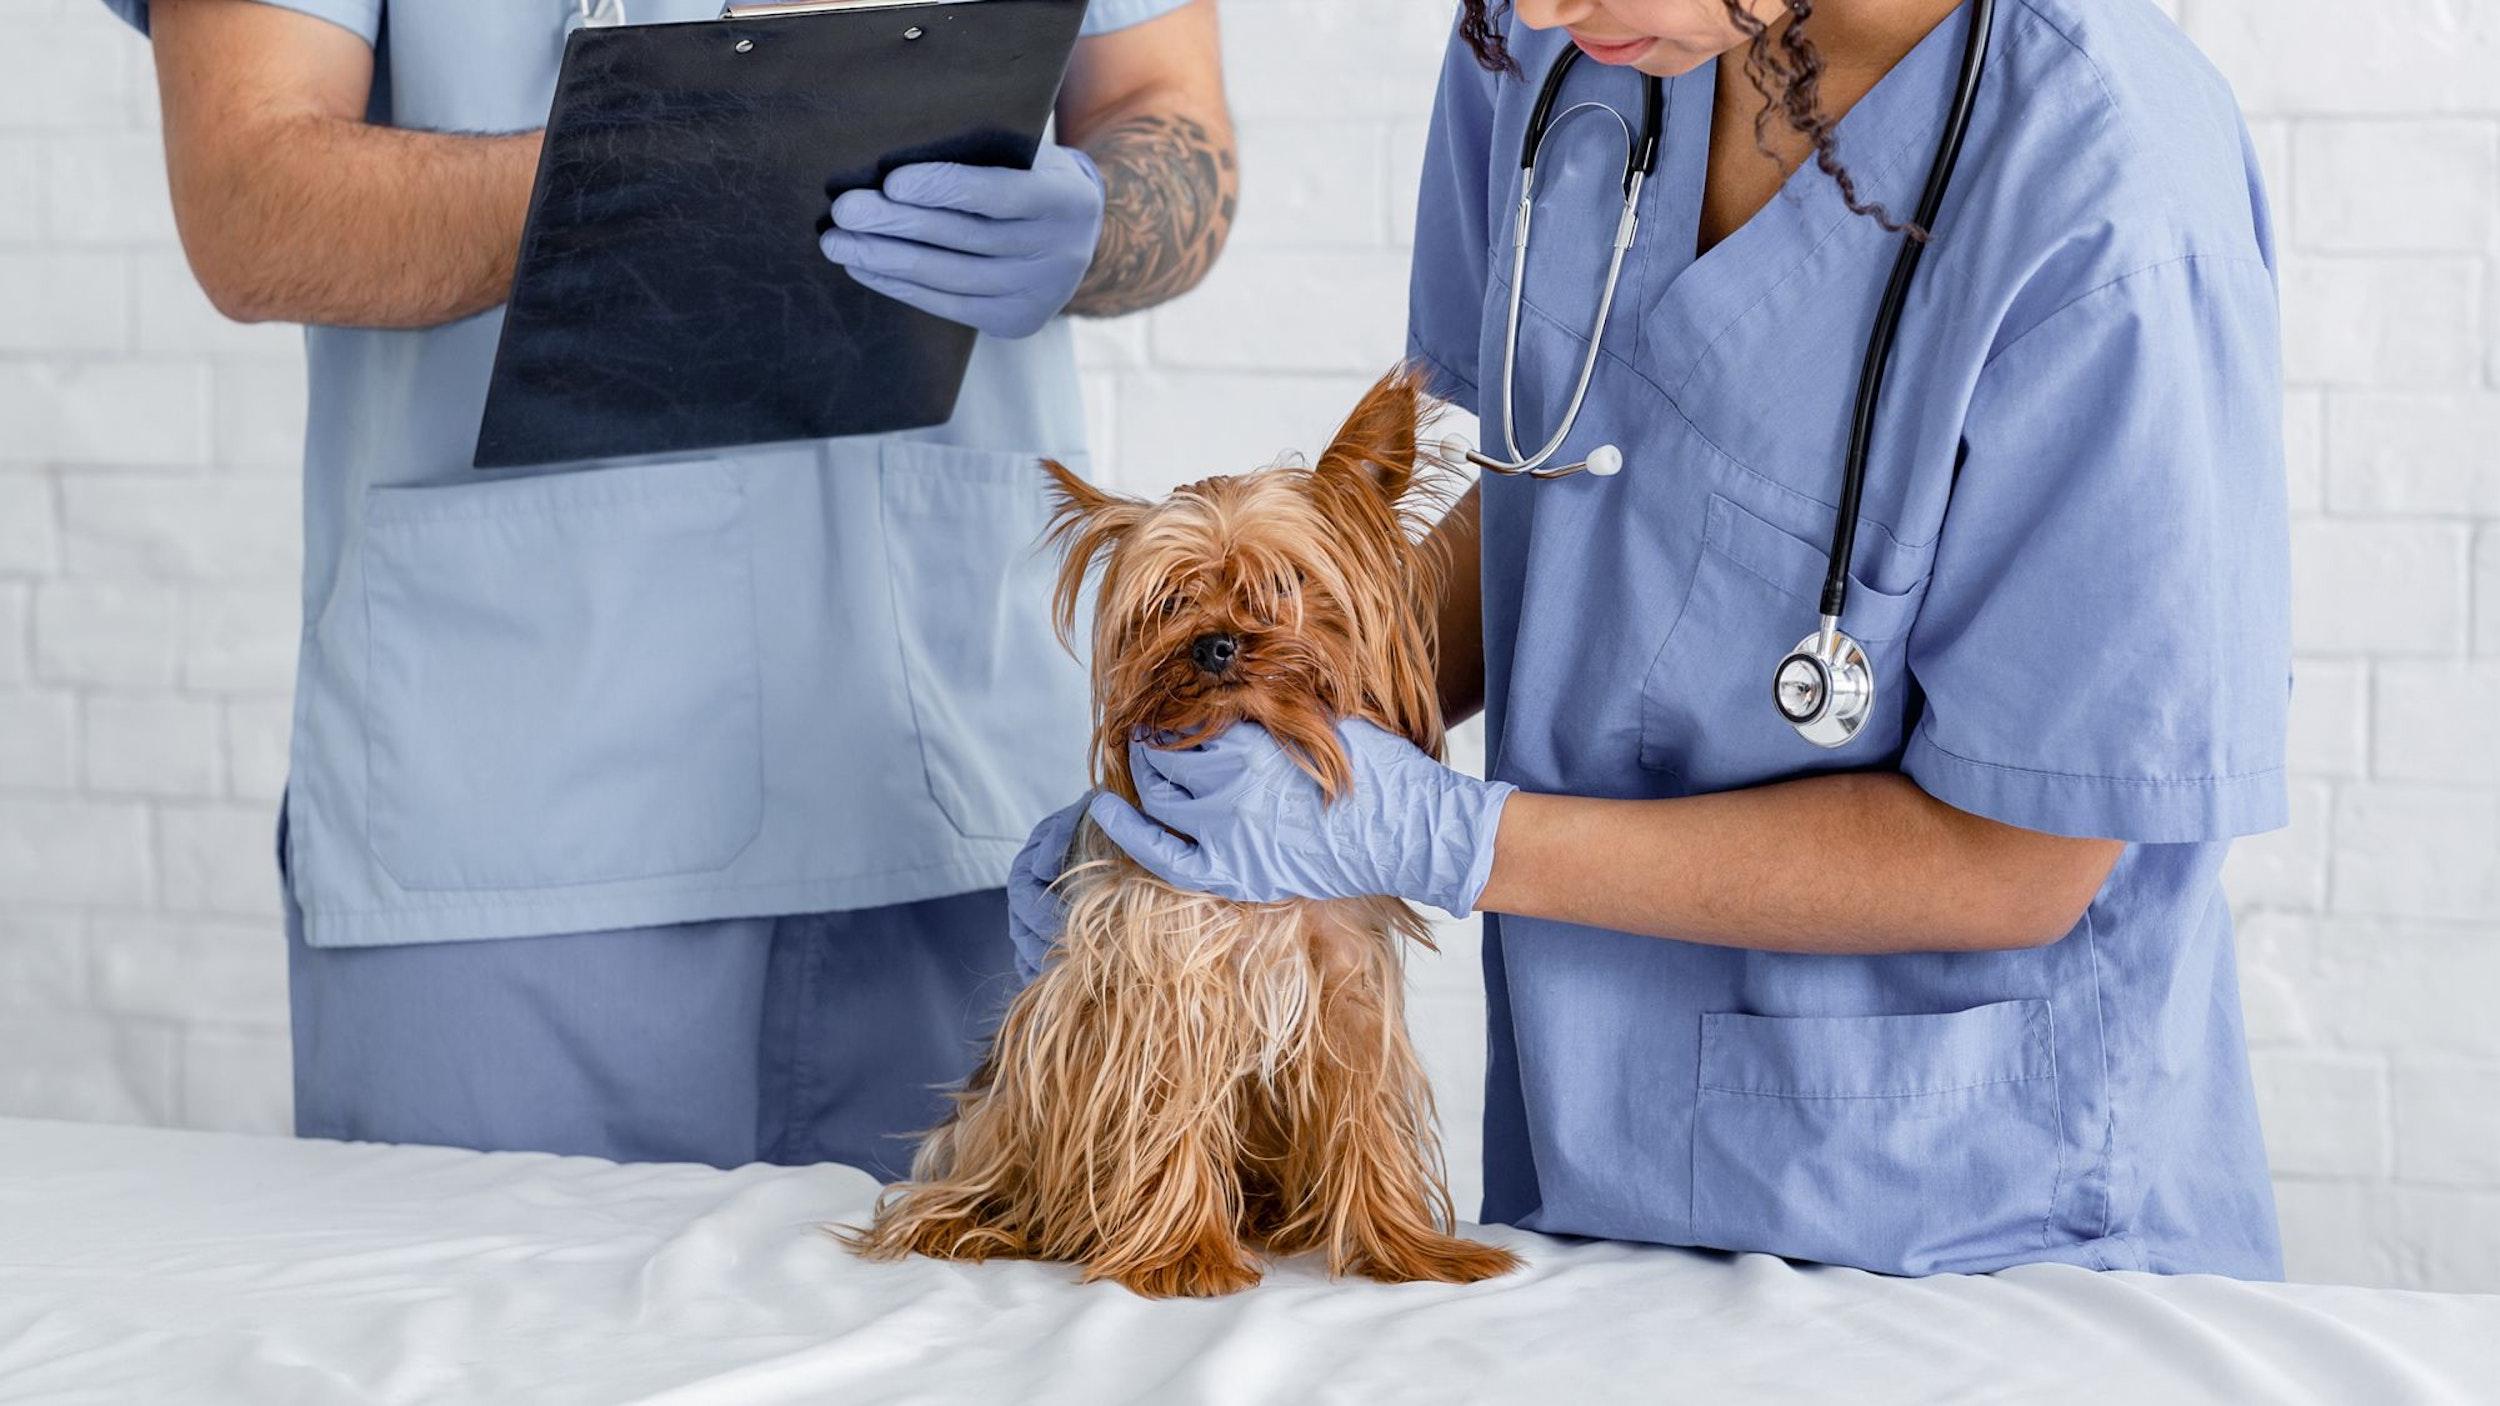 Два ветеринарных врача осматривают коричневую собаку